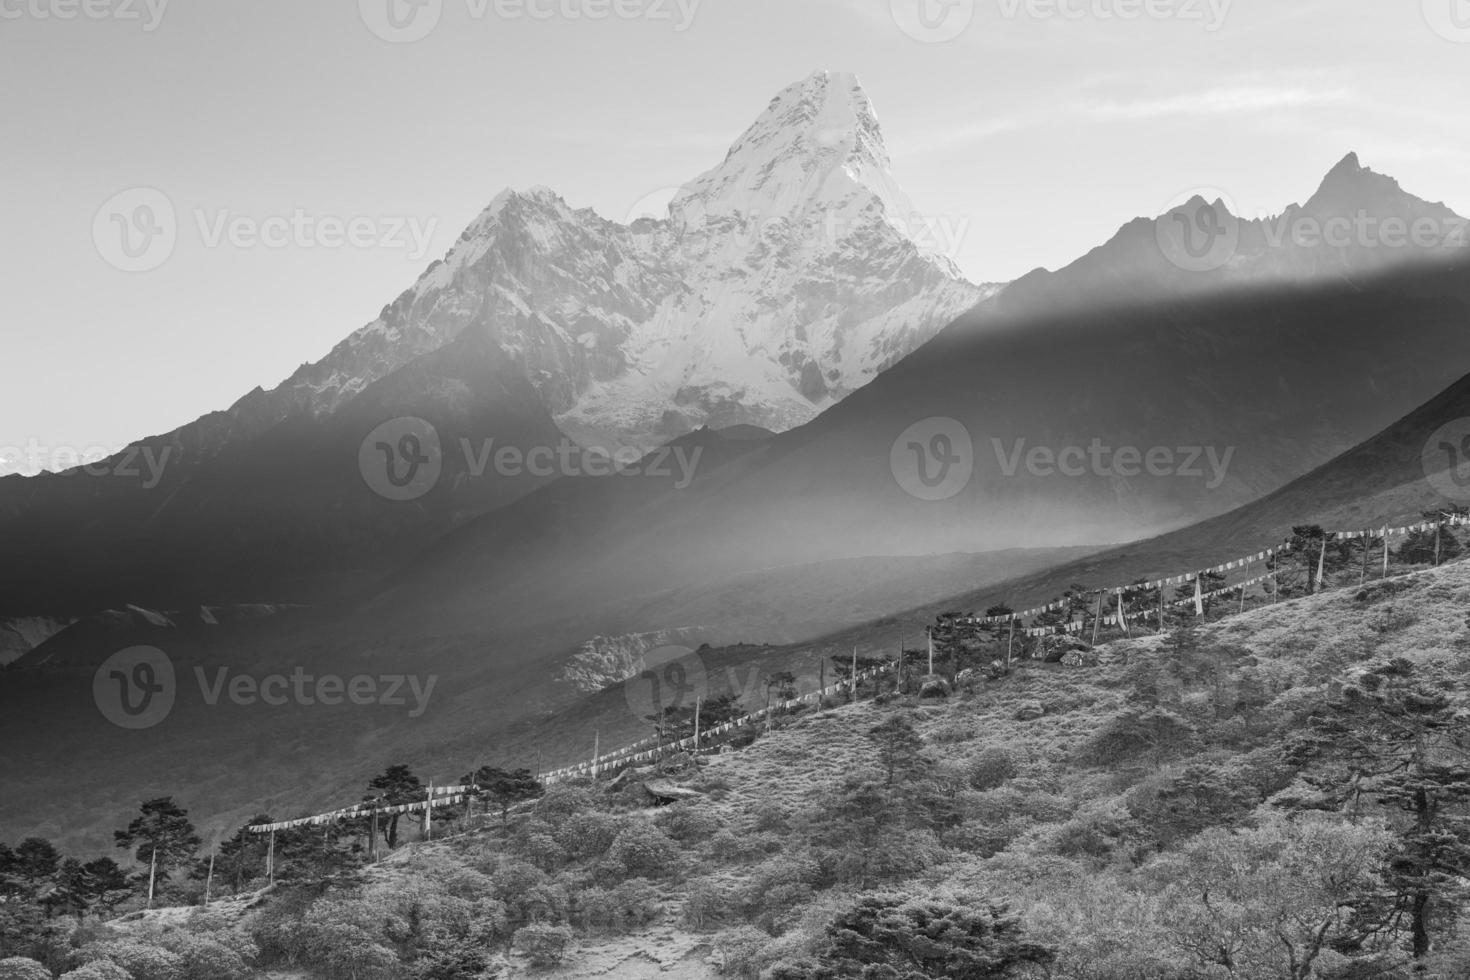 b & w ama dablam vette del mattino nebbia, villaggio di tengboche, nepal. foto